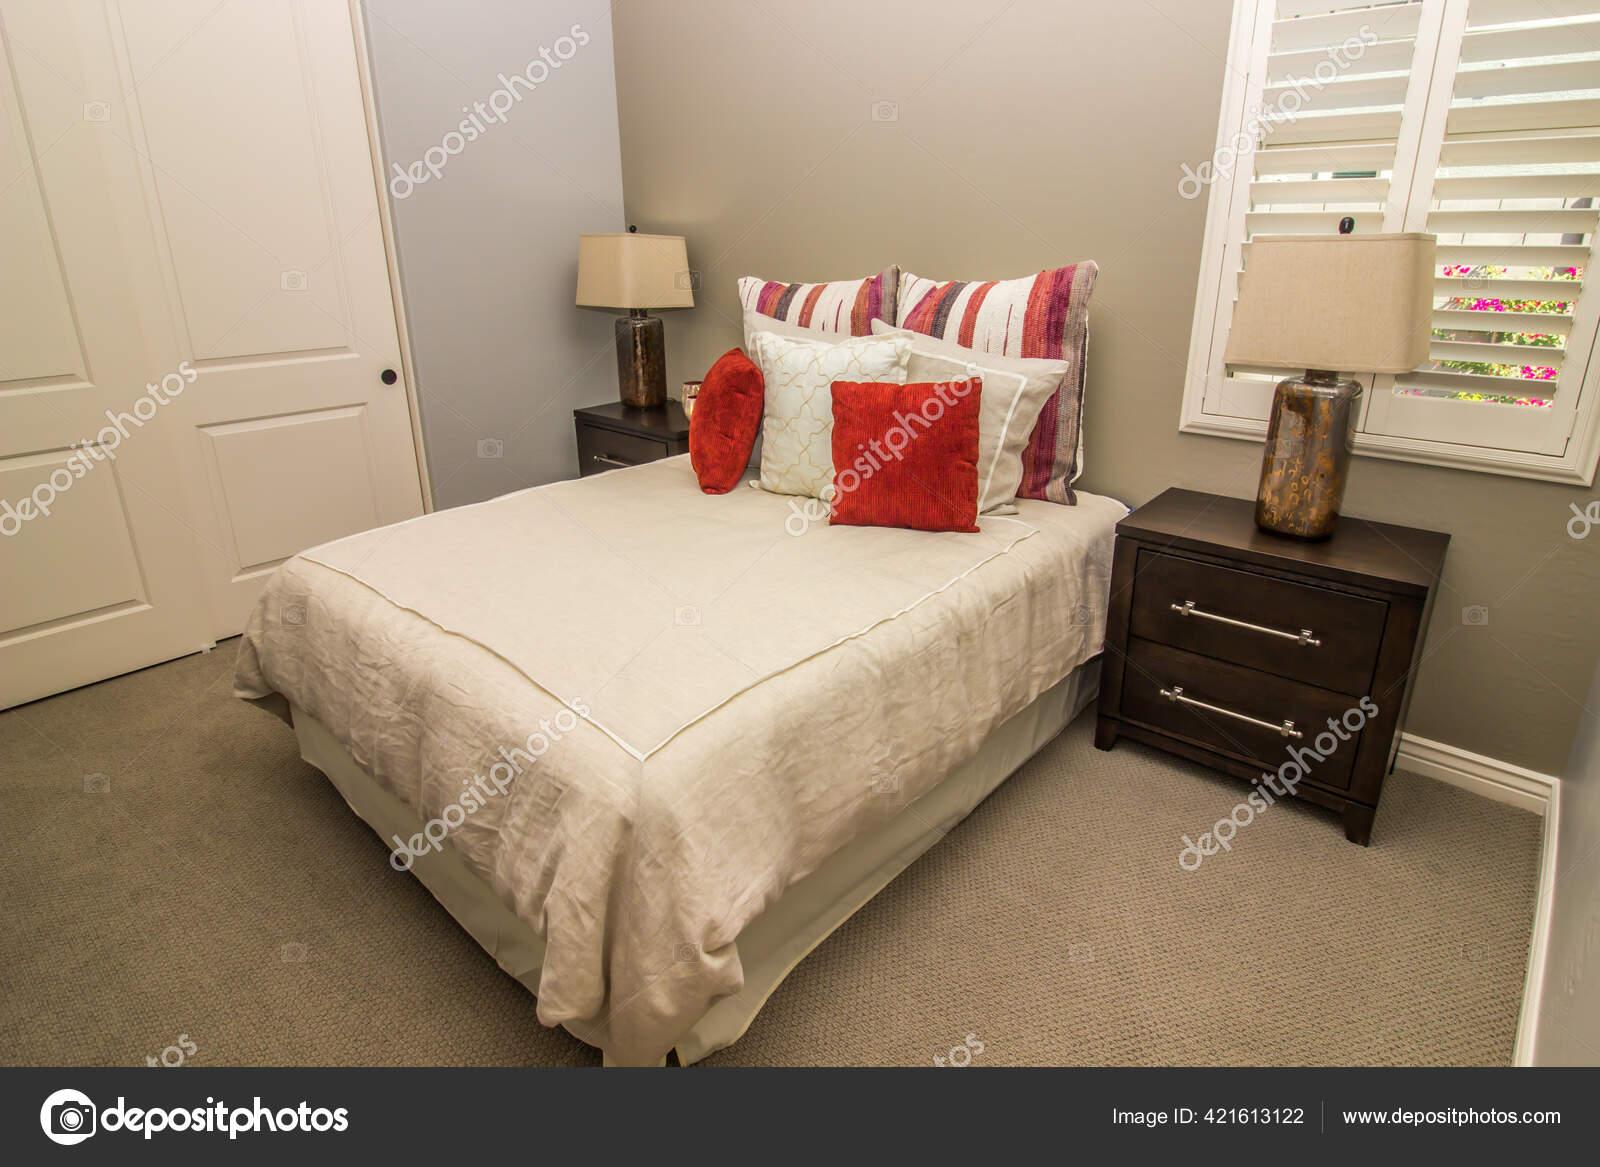 Modern Bedroom Bed Nightstands Lamps Stock Photo C Weezybob5 421613122